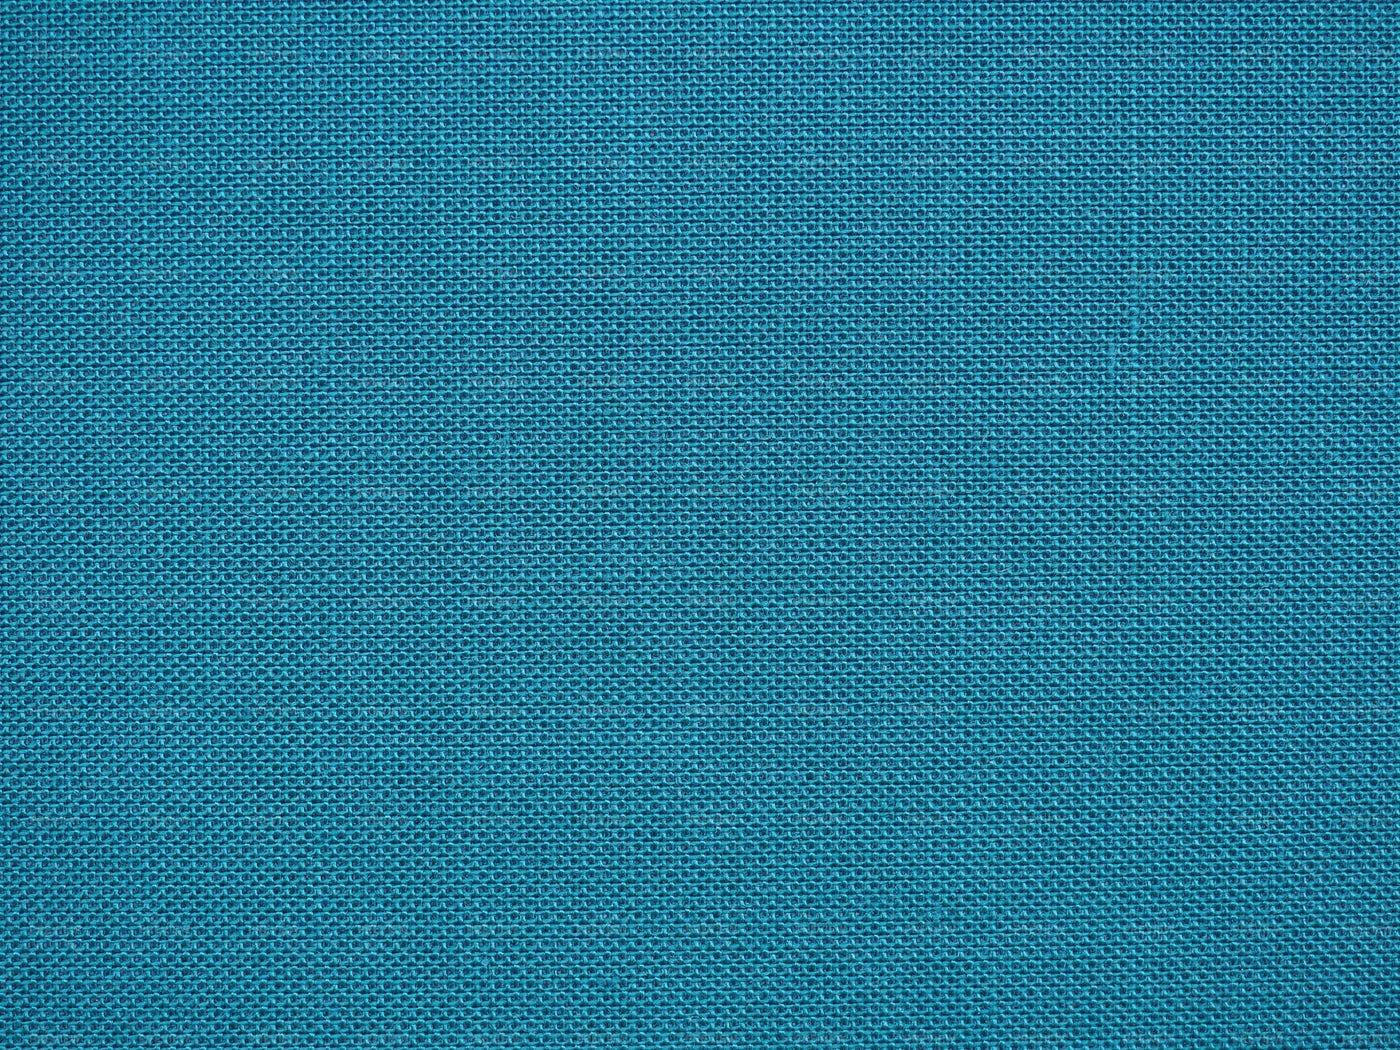 Blue Fabric Texture: Stock Photos